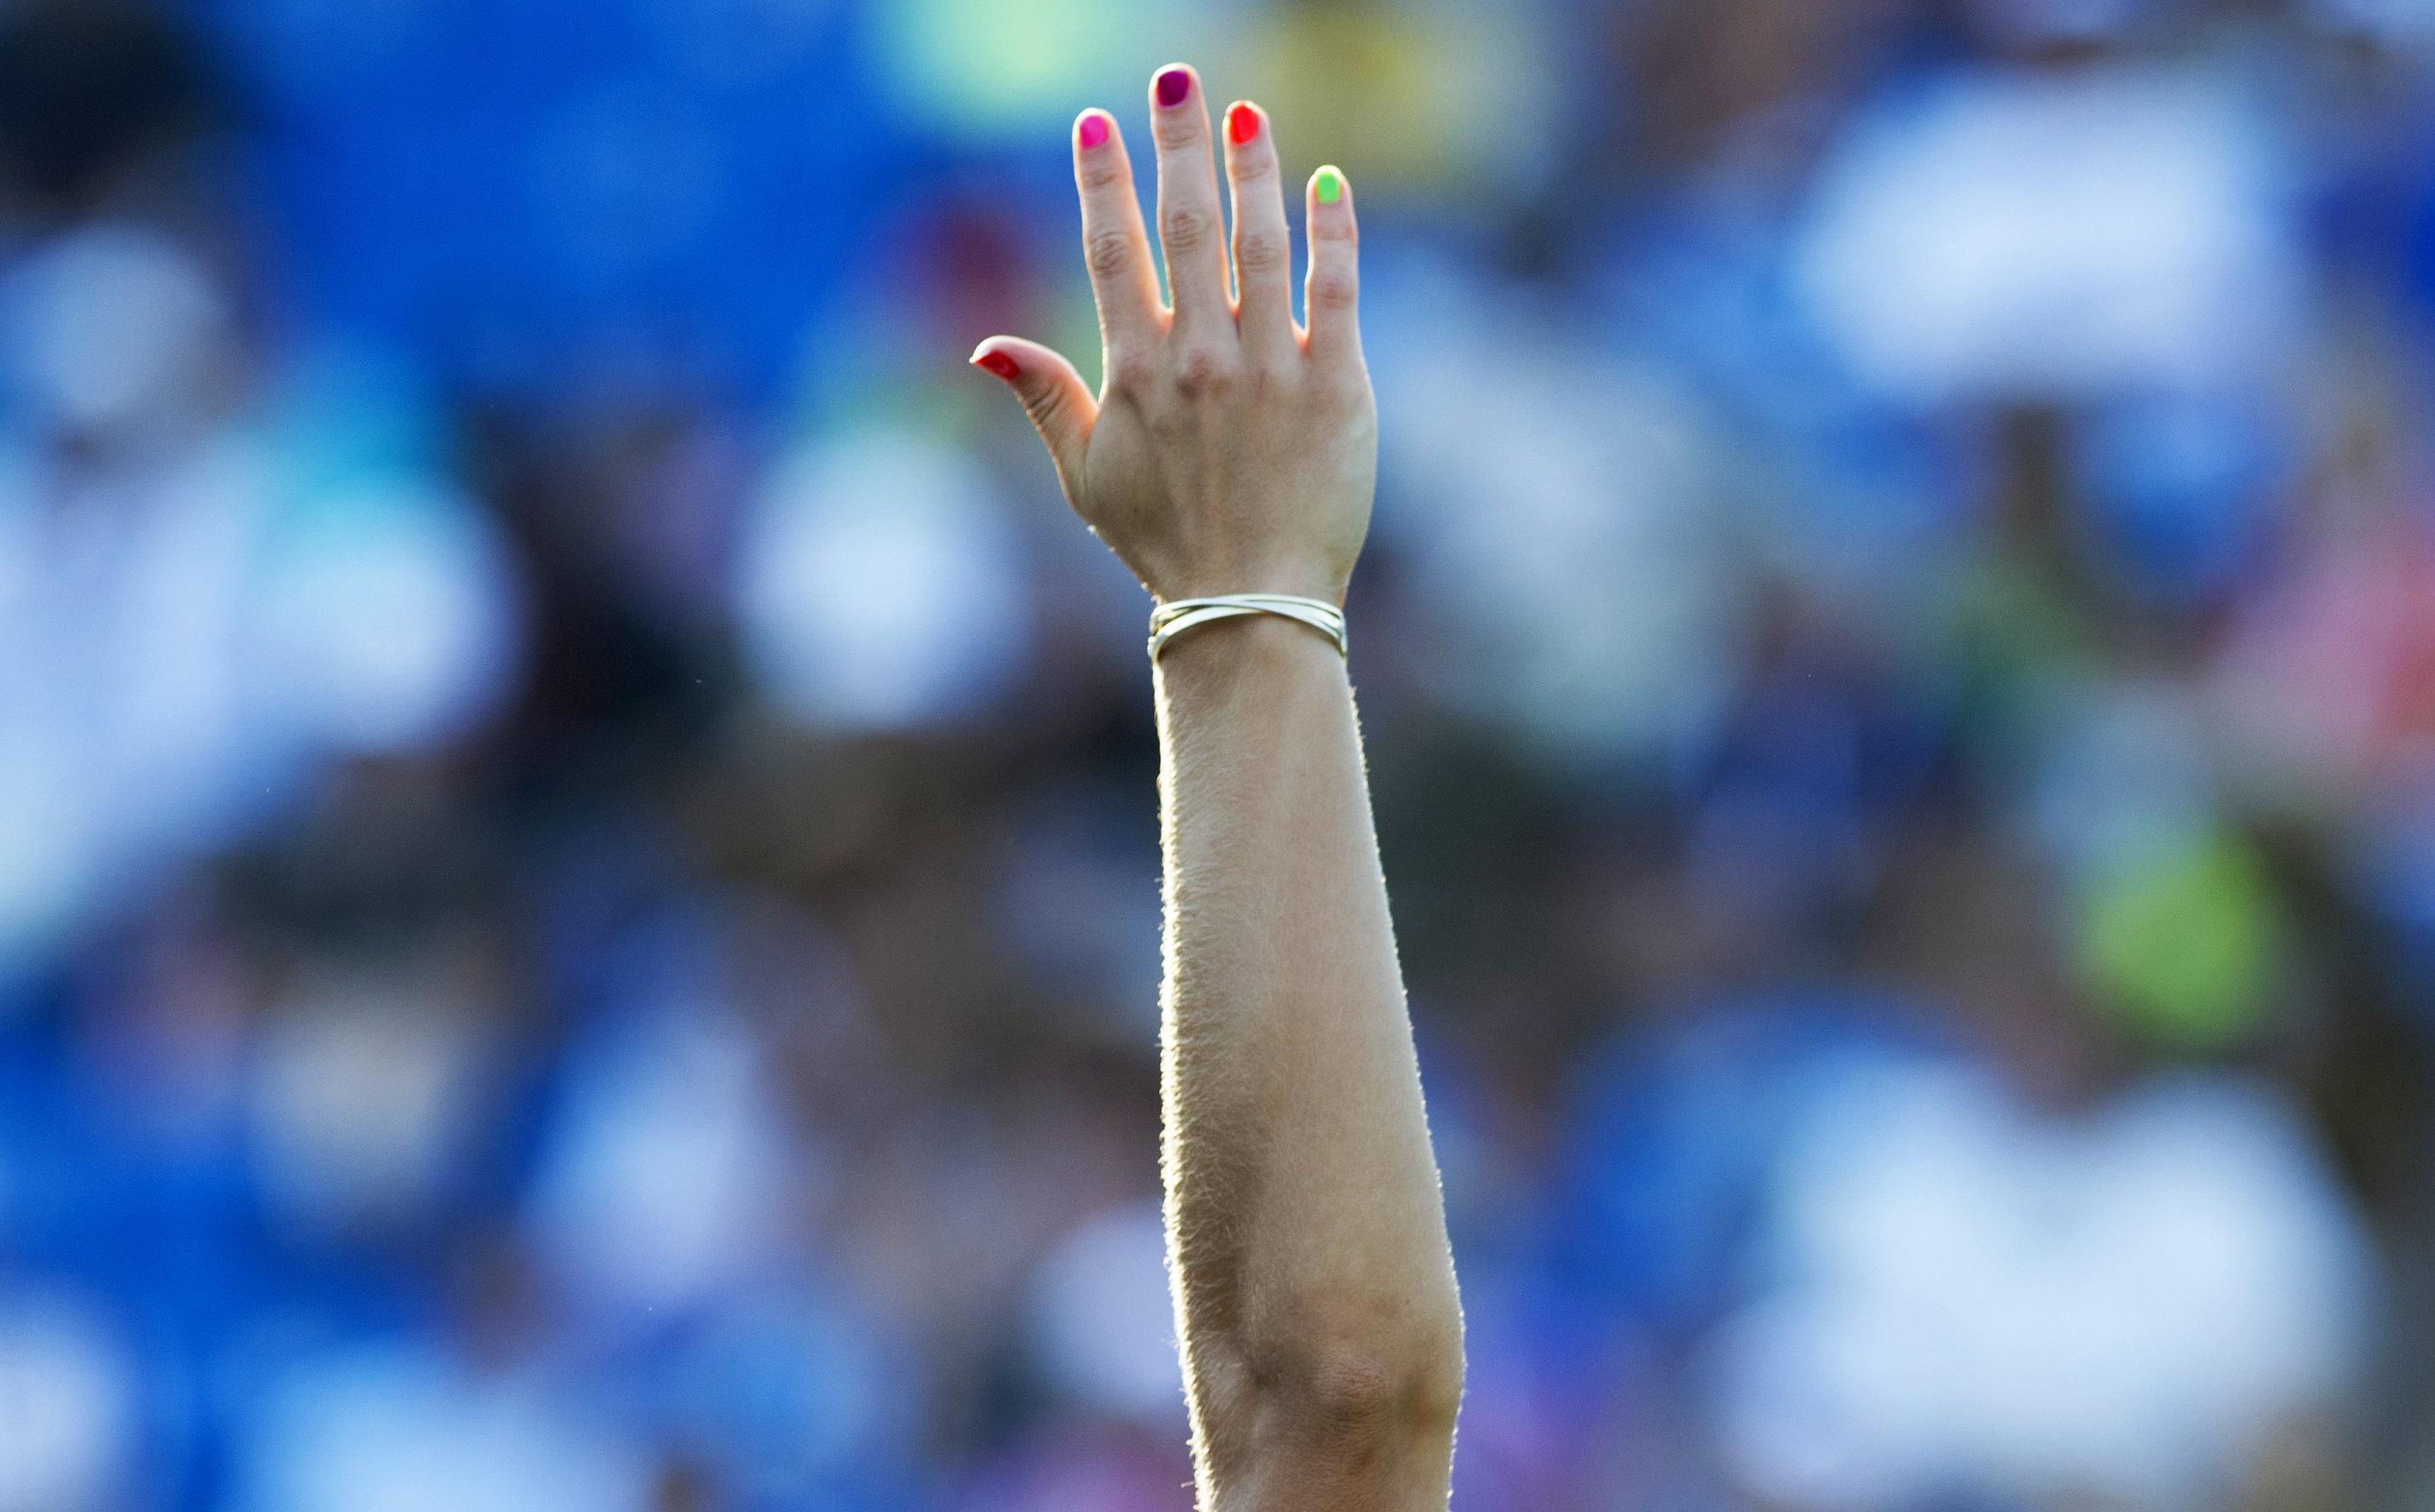 Έρευνα συνδέει το μήκος των δαχτύλων των χεριών με τον σεξουαλικό μας προσανατολισμό. Και προκαλεί